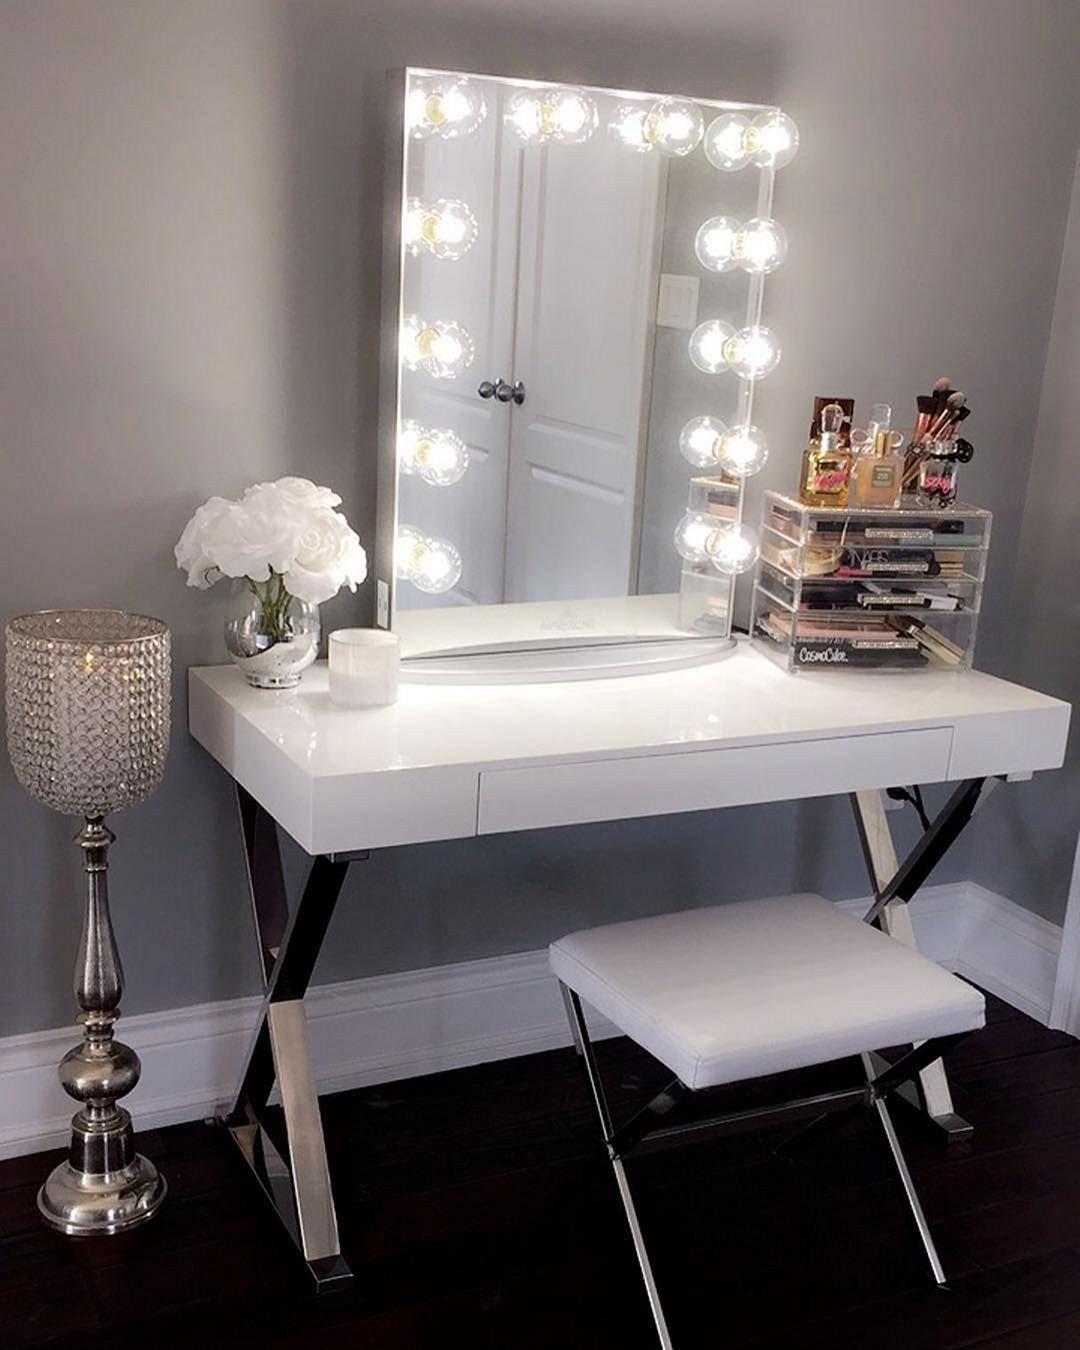 The role of bedroom vanity